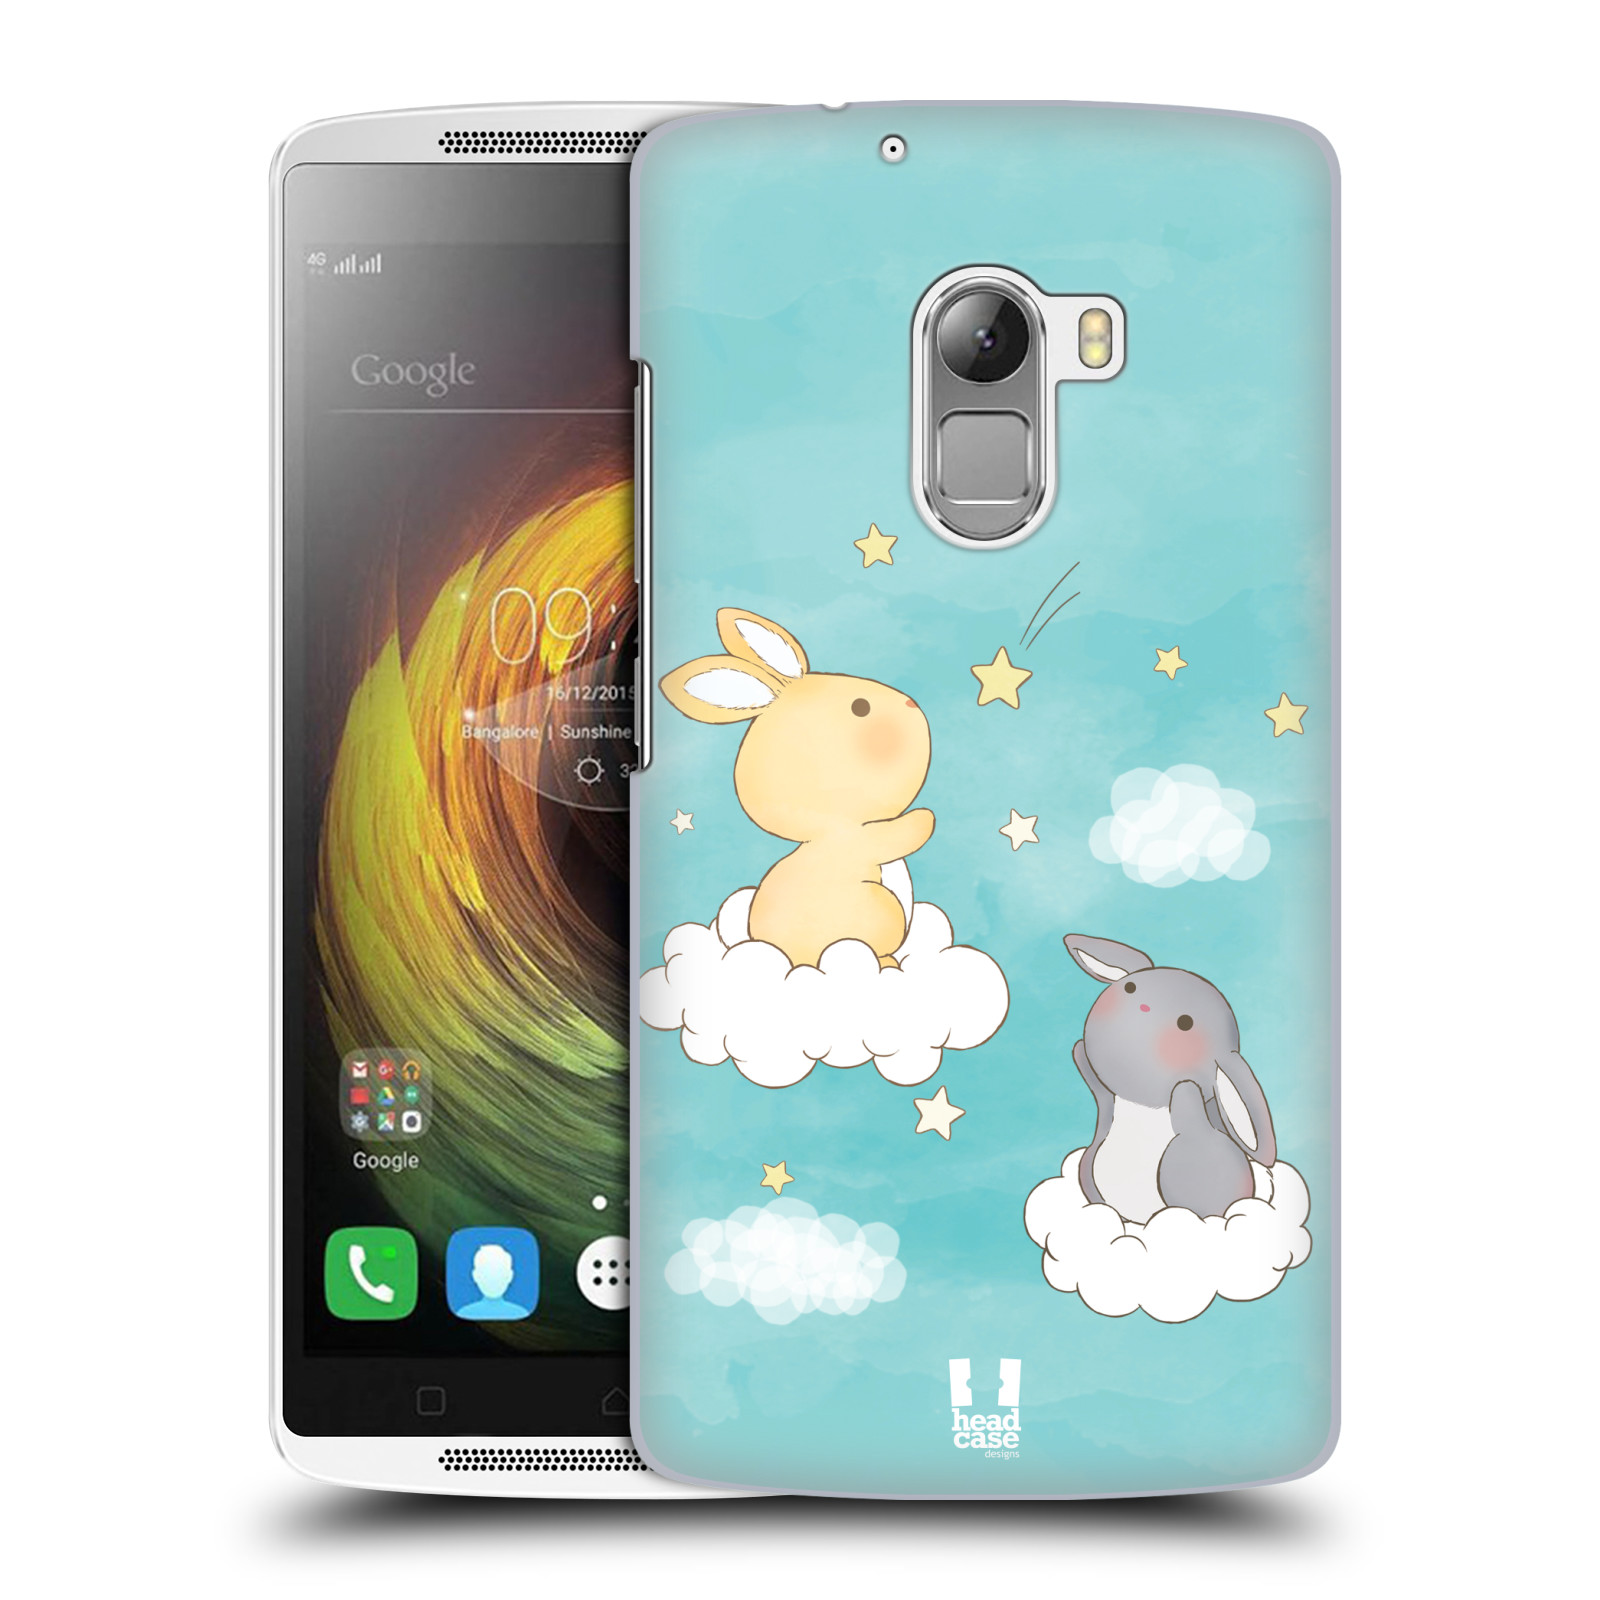 HEAD CASE pevný plastový obal na mobil LENOVO A7010 / A7010 DUAL / K4 Note / Vibe X3 lite vzor králíček a hvězdy modrá